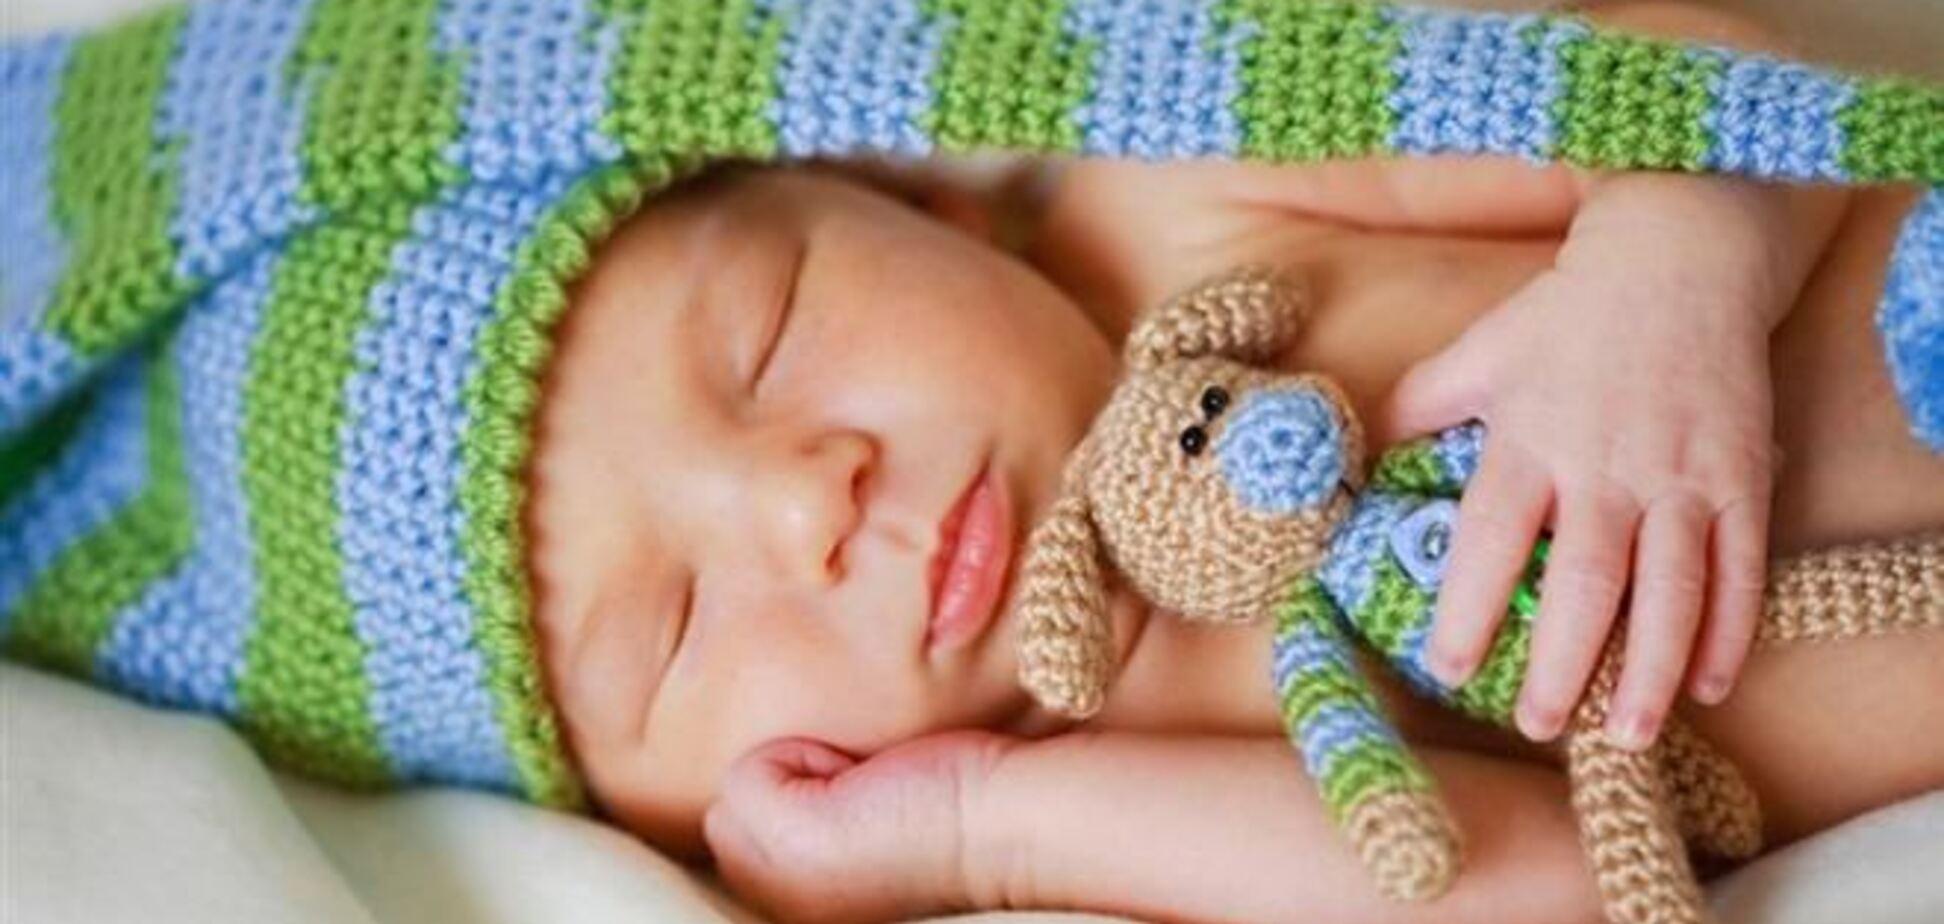 В соцсетях активно обсуждают донецкого новорожденного, которого родители назвали Антимайданом